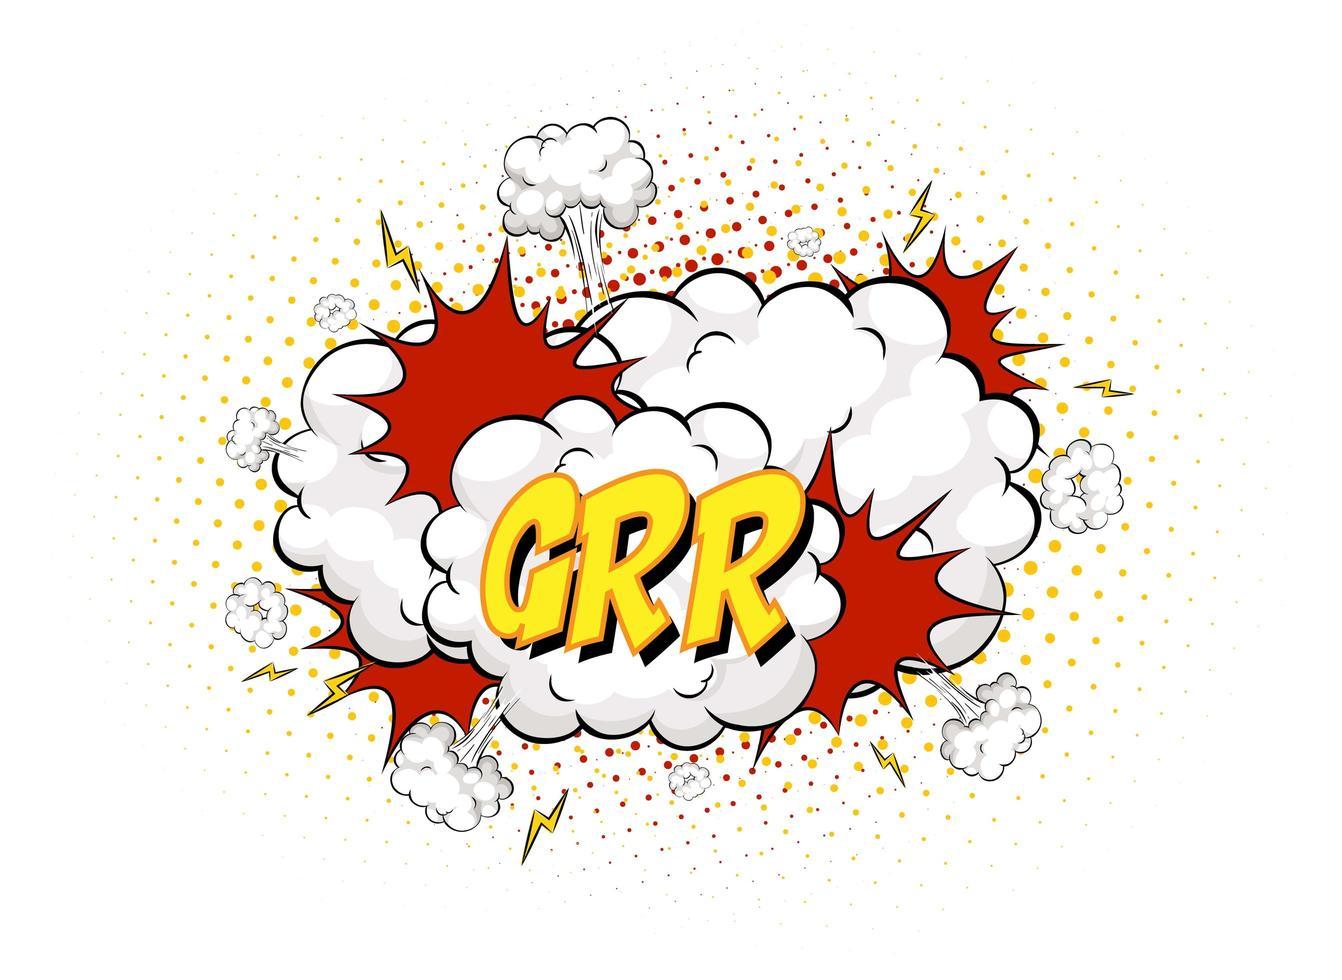 grr tekst op komische wolk explosie geïsoleerd op een witte achtergrond vector